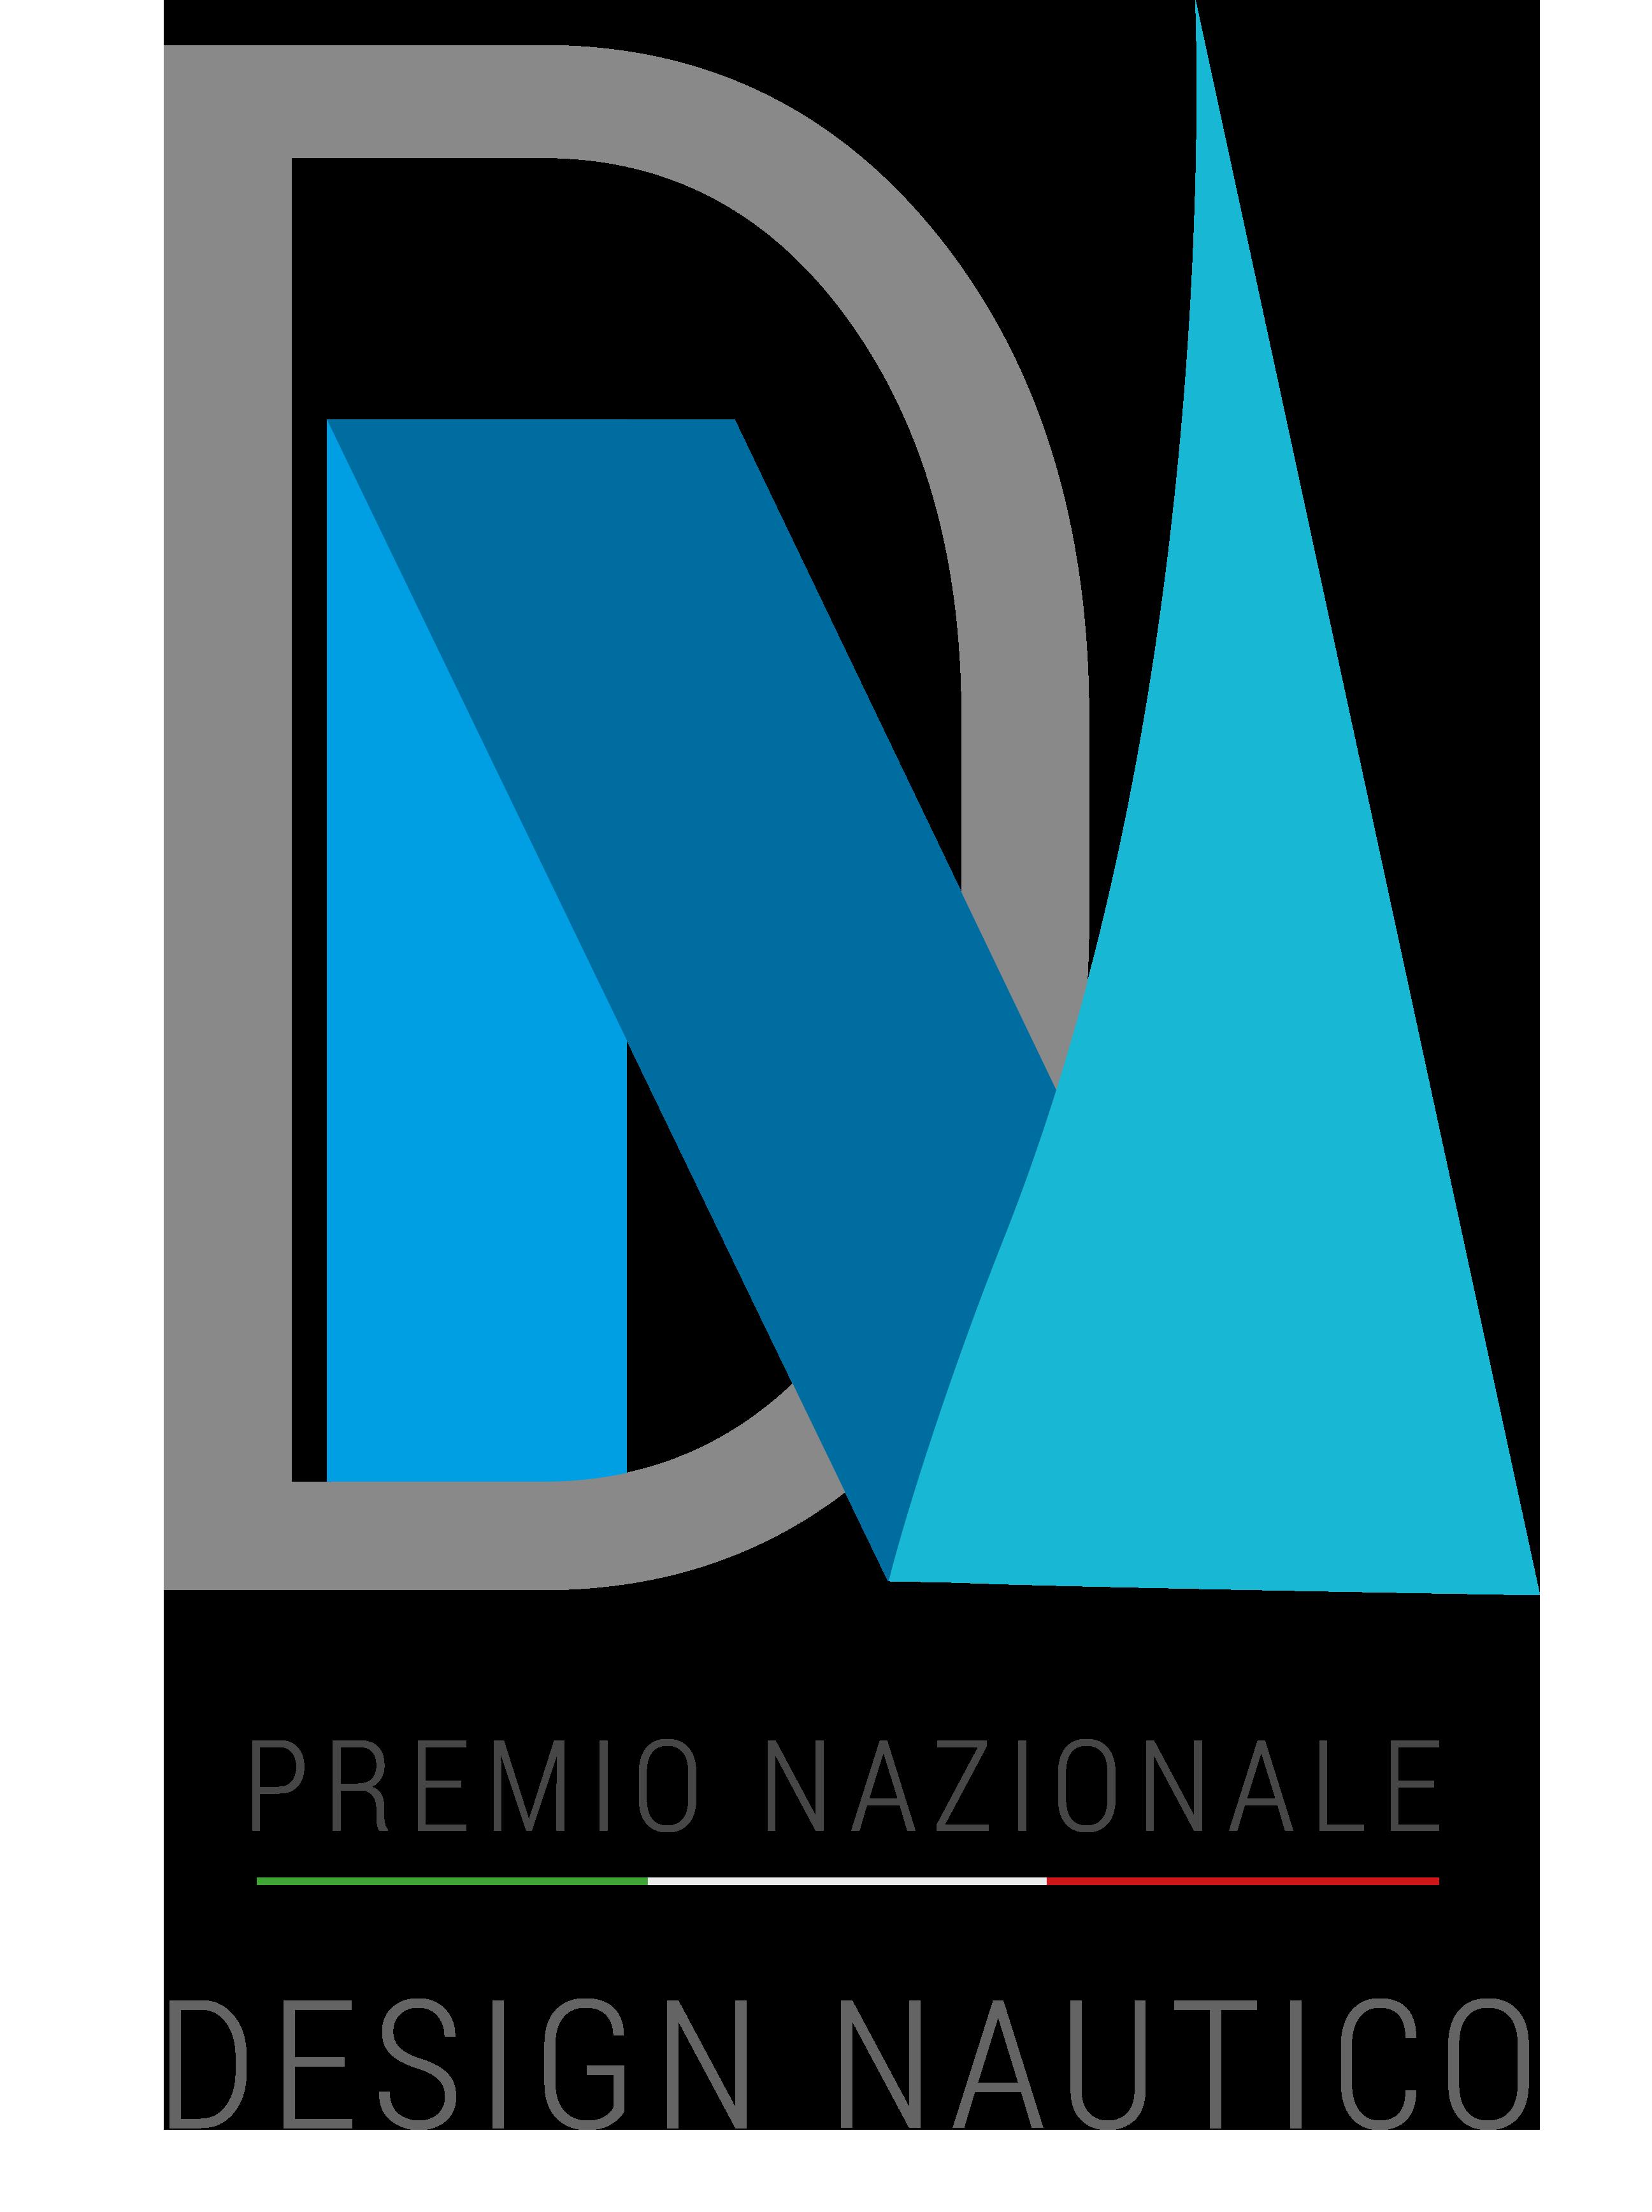 logo premio nazionale design nautico_dmgcomunicazione_brand_design_italia